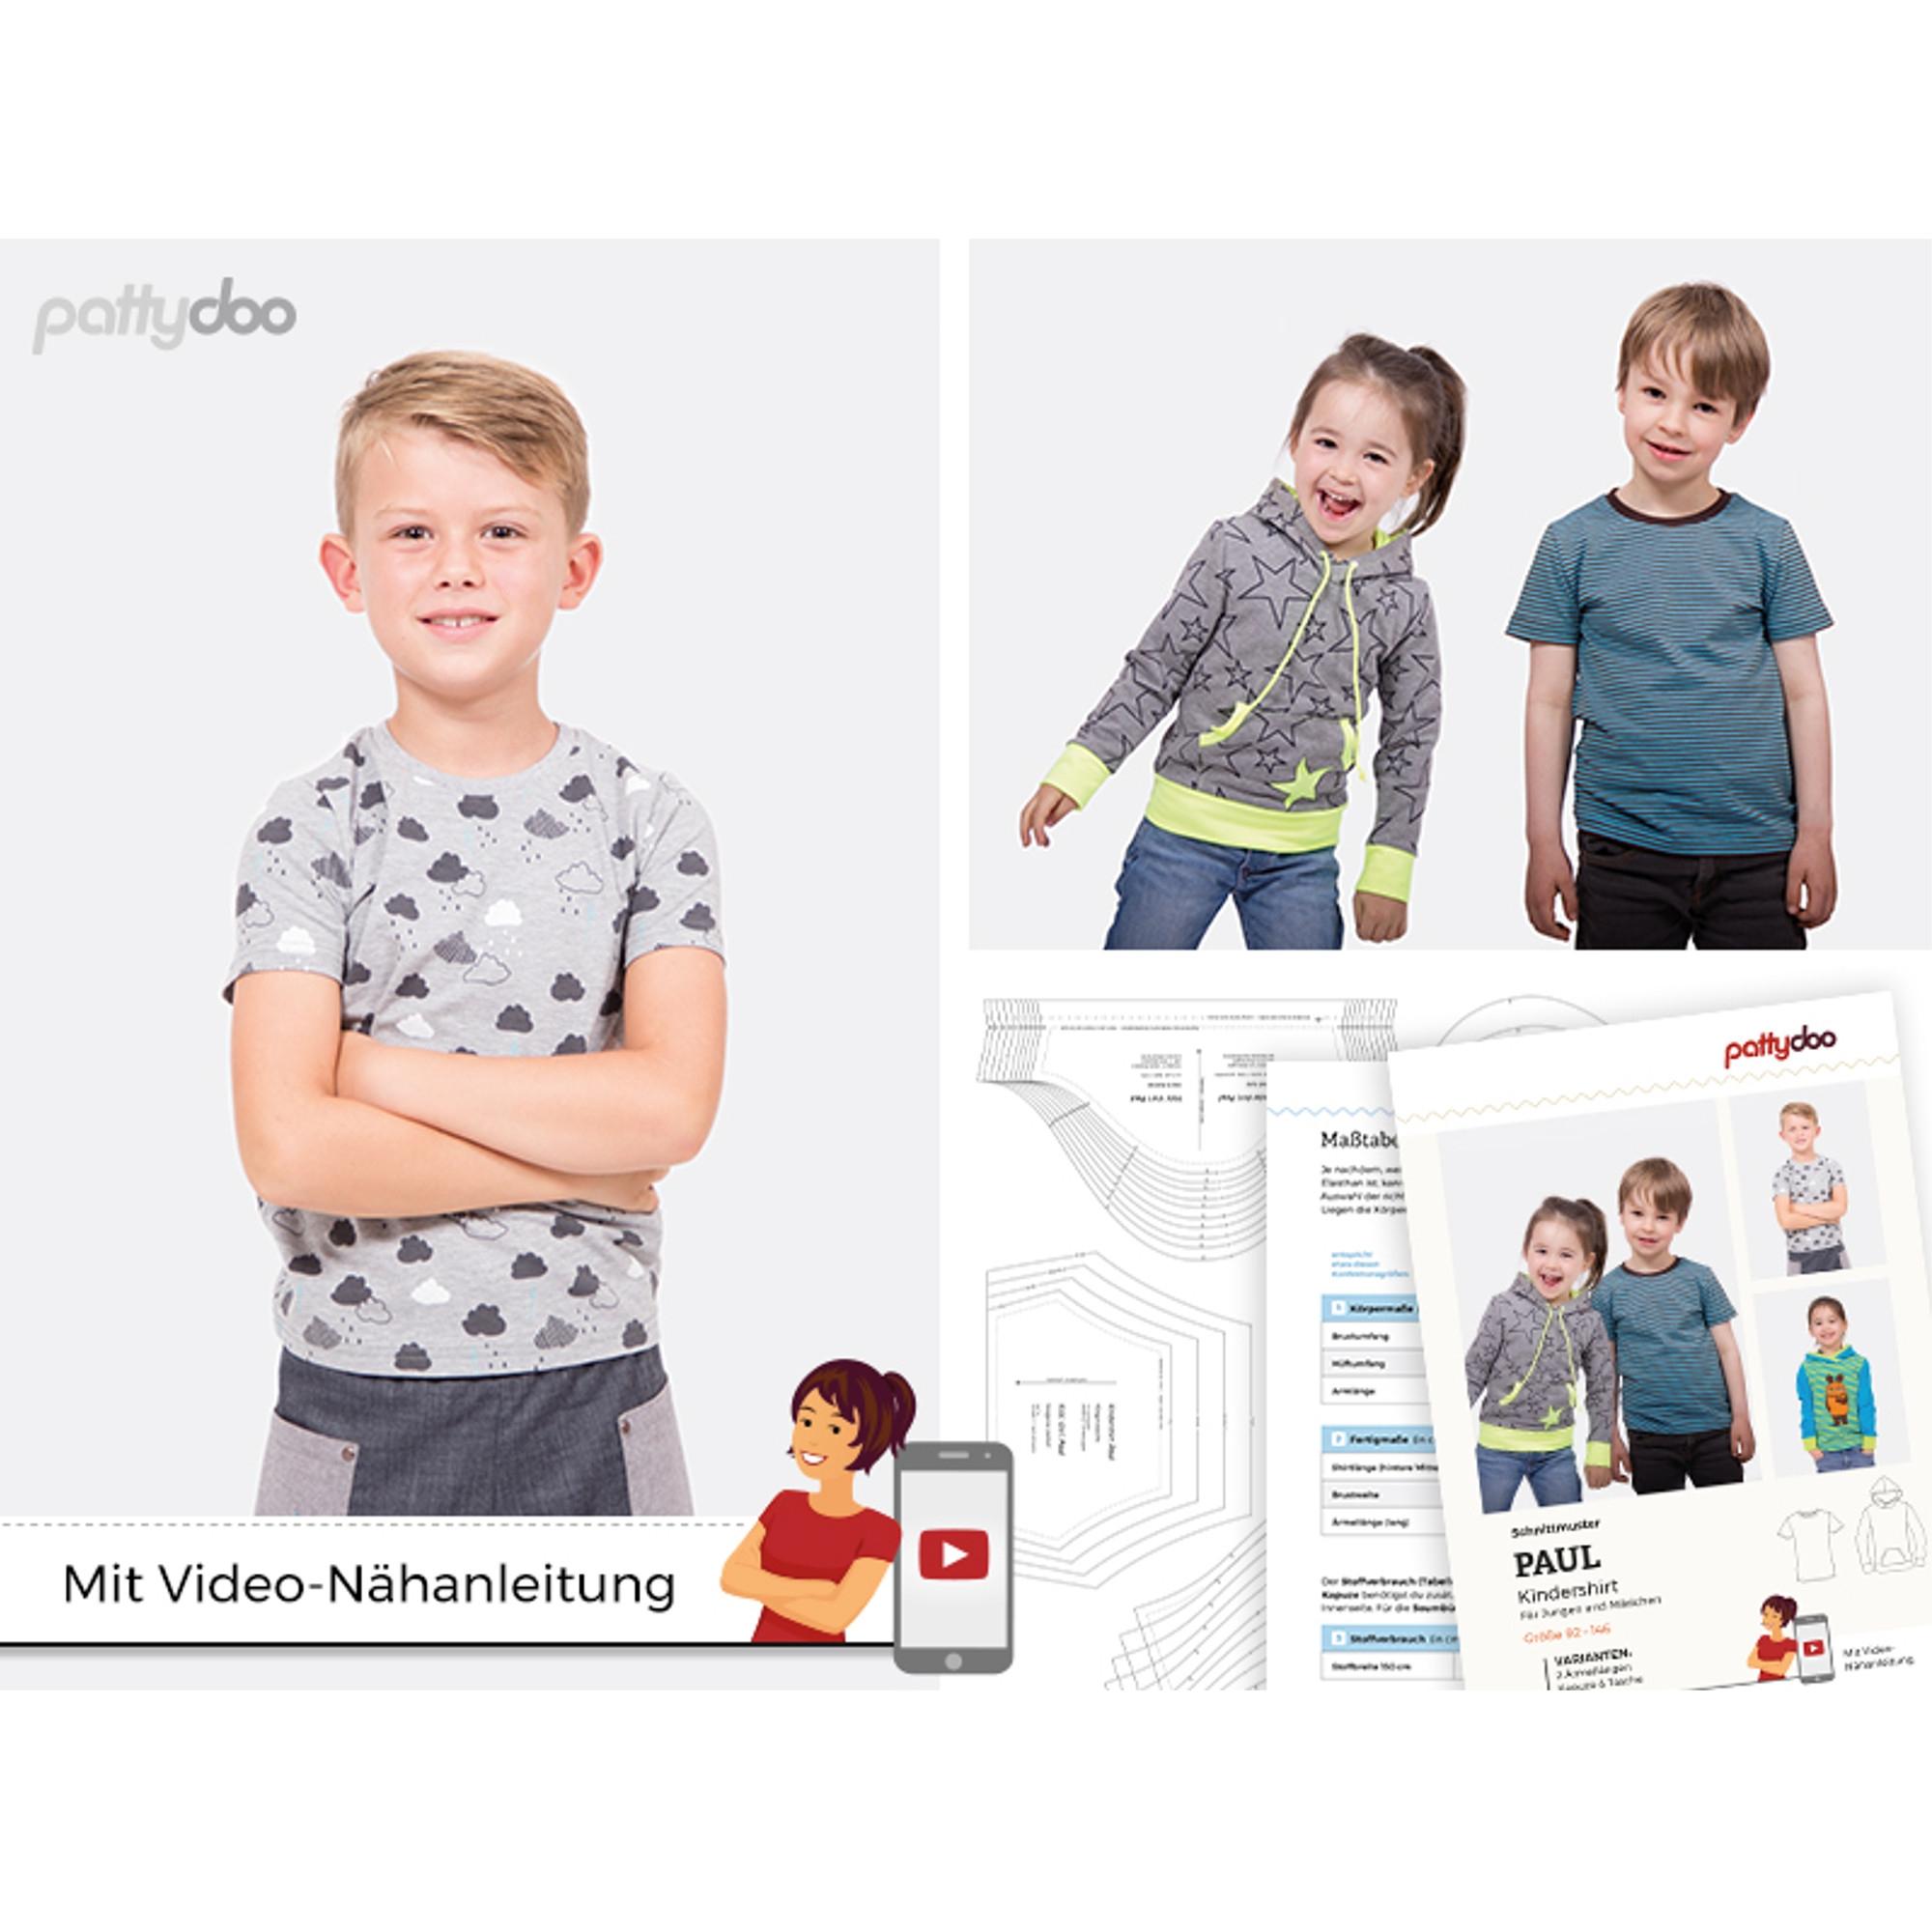 Papierschnittmuster für das Kindershirt 'Paul' von pattydoo